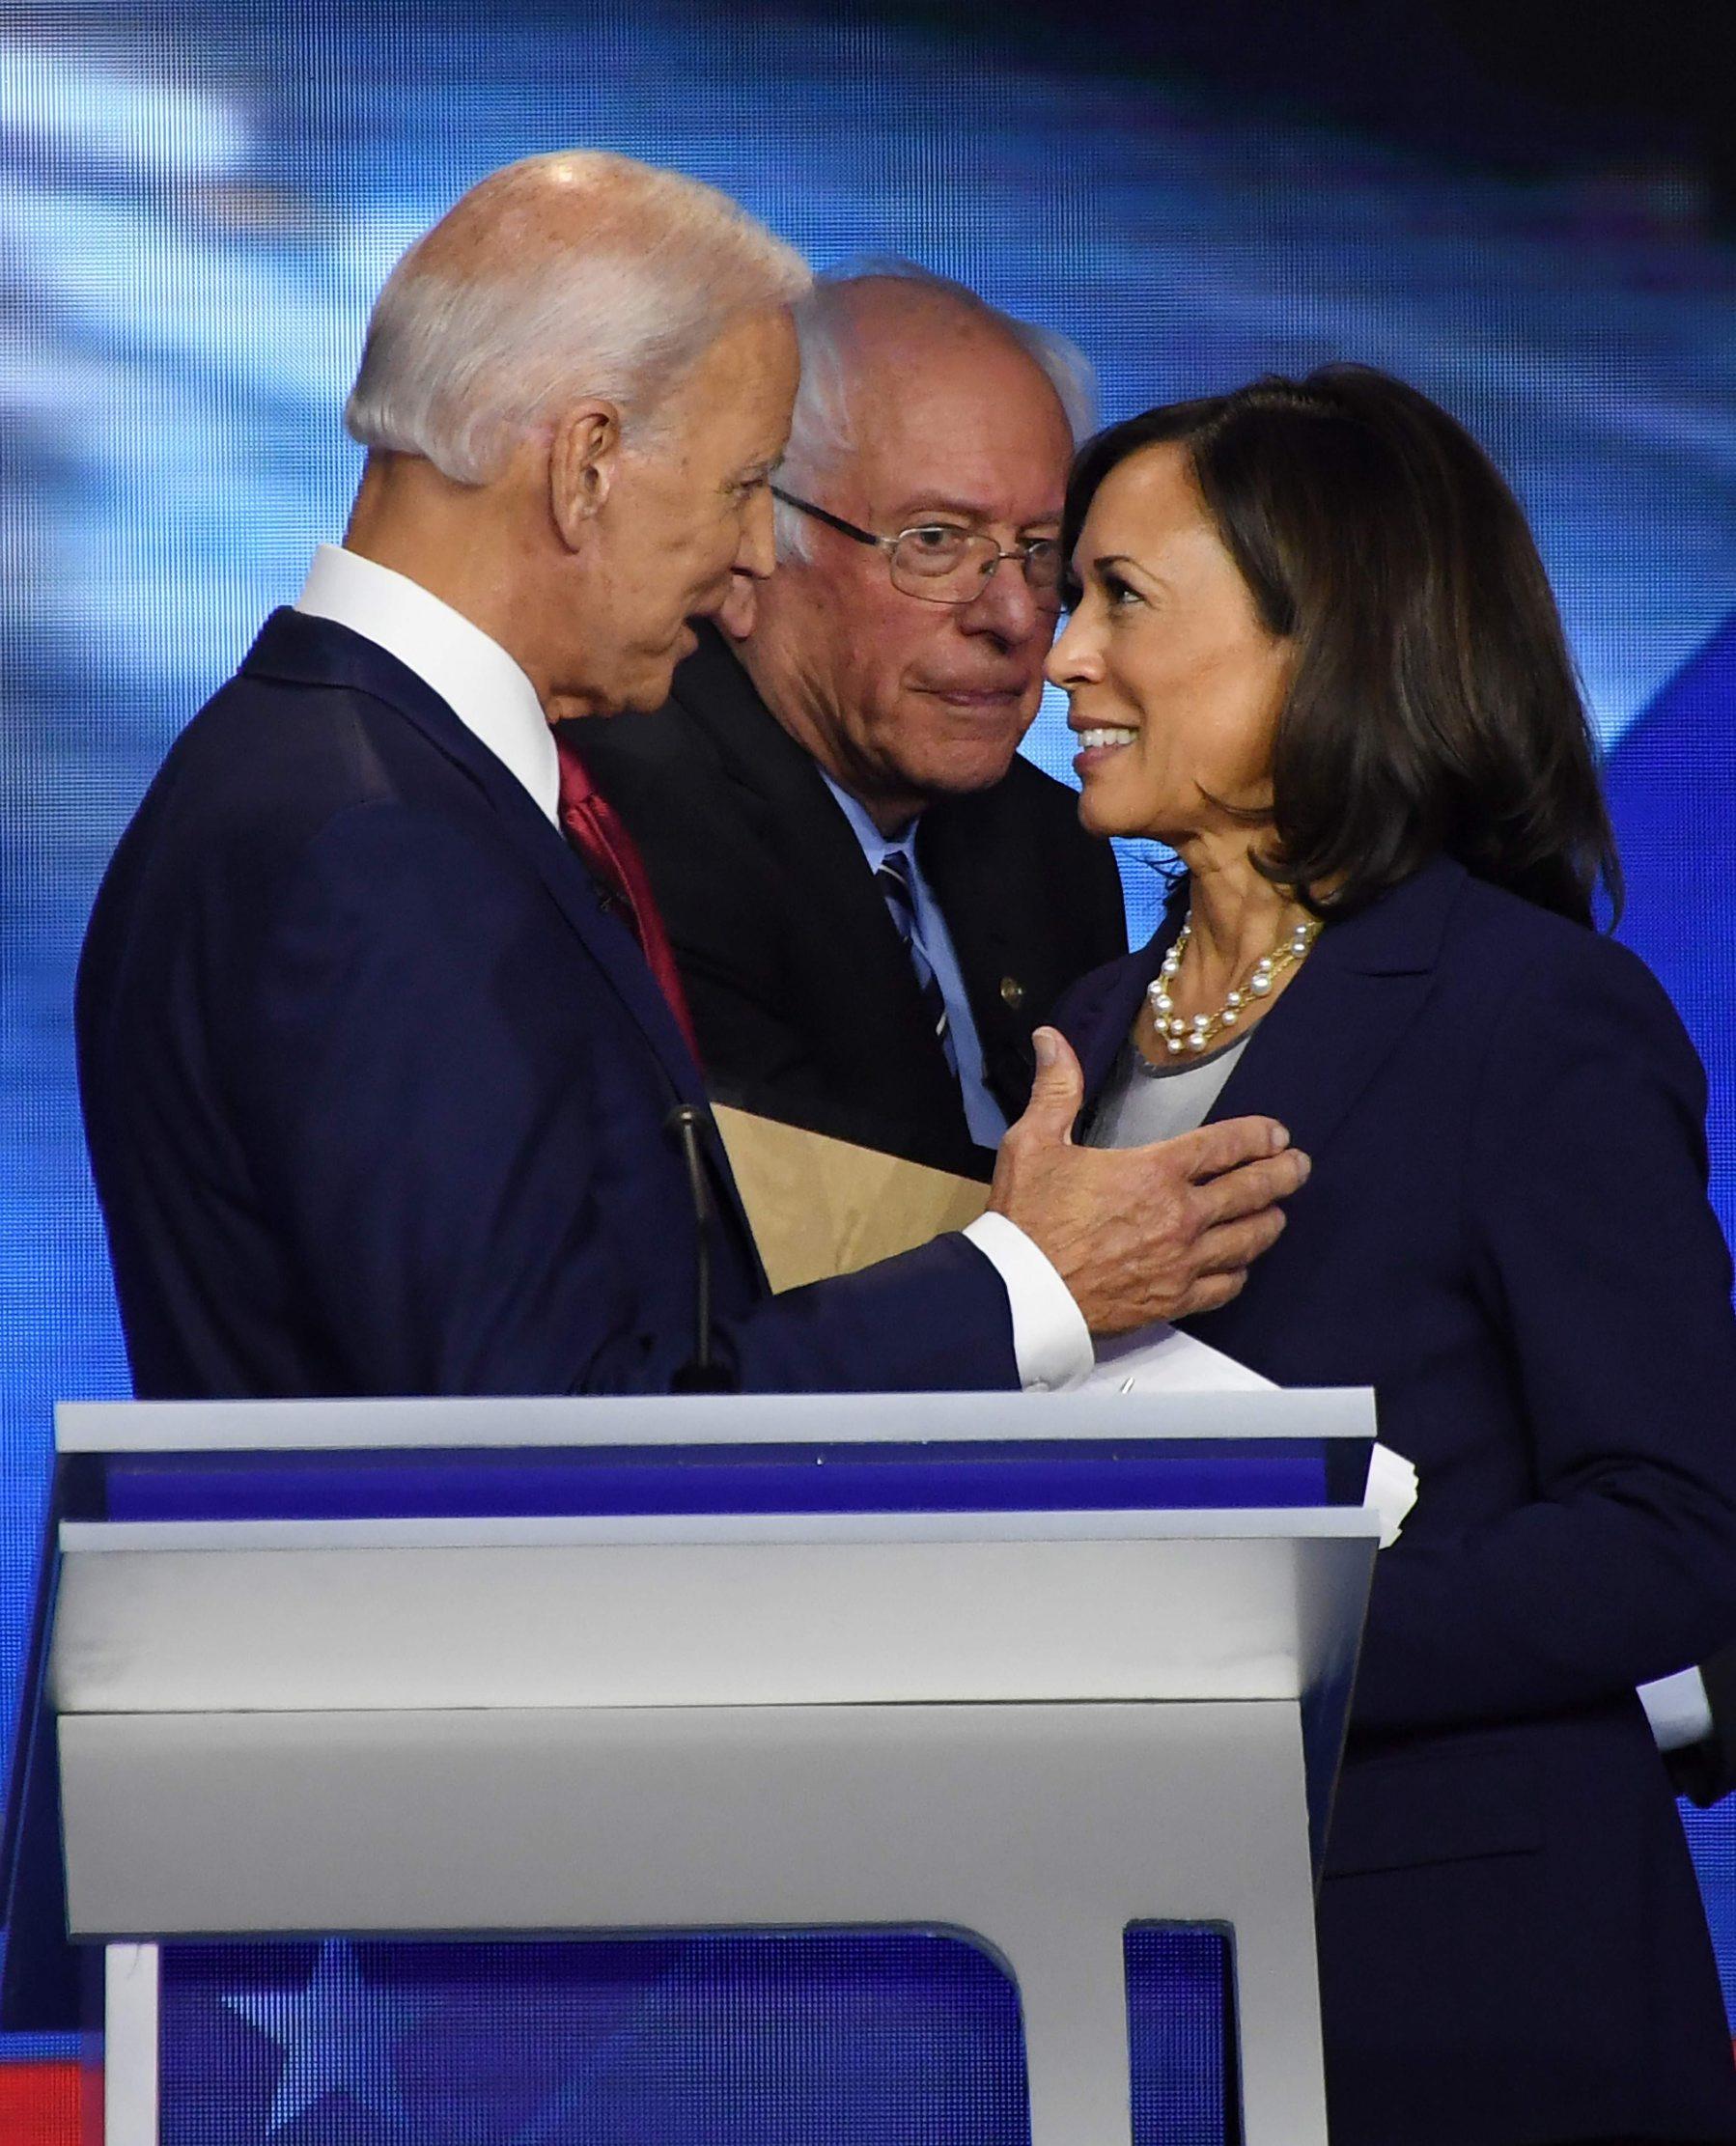 Na slici demokratski kandidat Joe Biden (lijevo) i senatorica Kamala Harris (desno) dok u pozadini prolazi demokratski kandidat Bernie Sanders